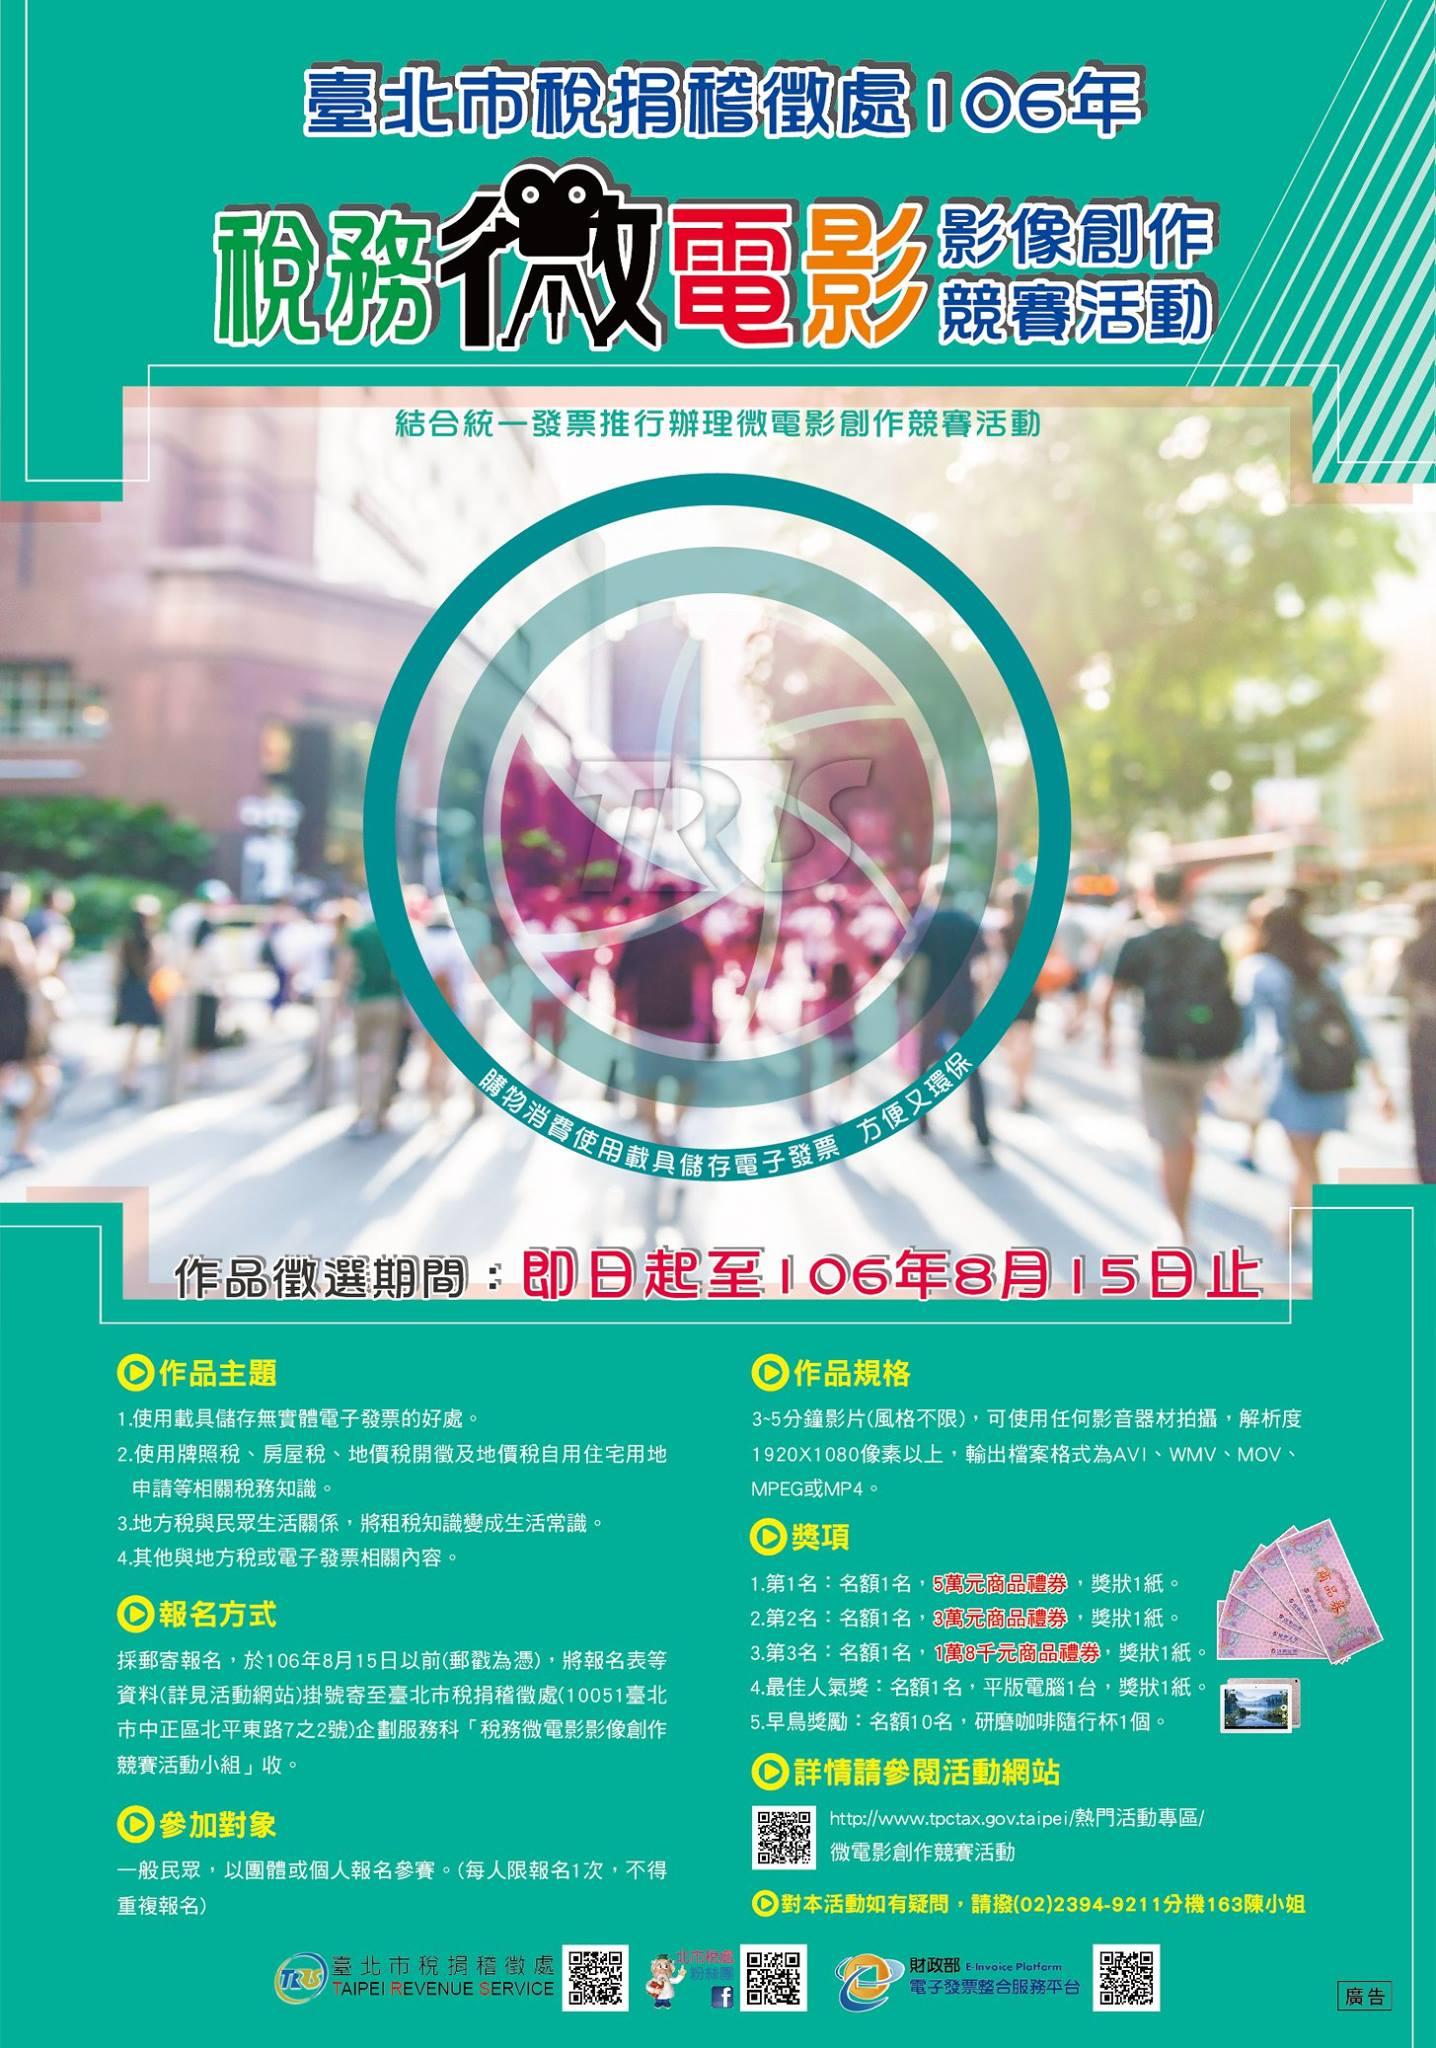 臺北市稅捐稽徵處106年稅務微電影影像創作競賽